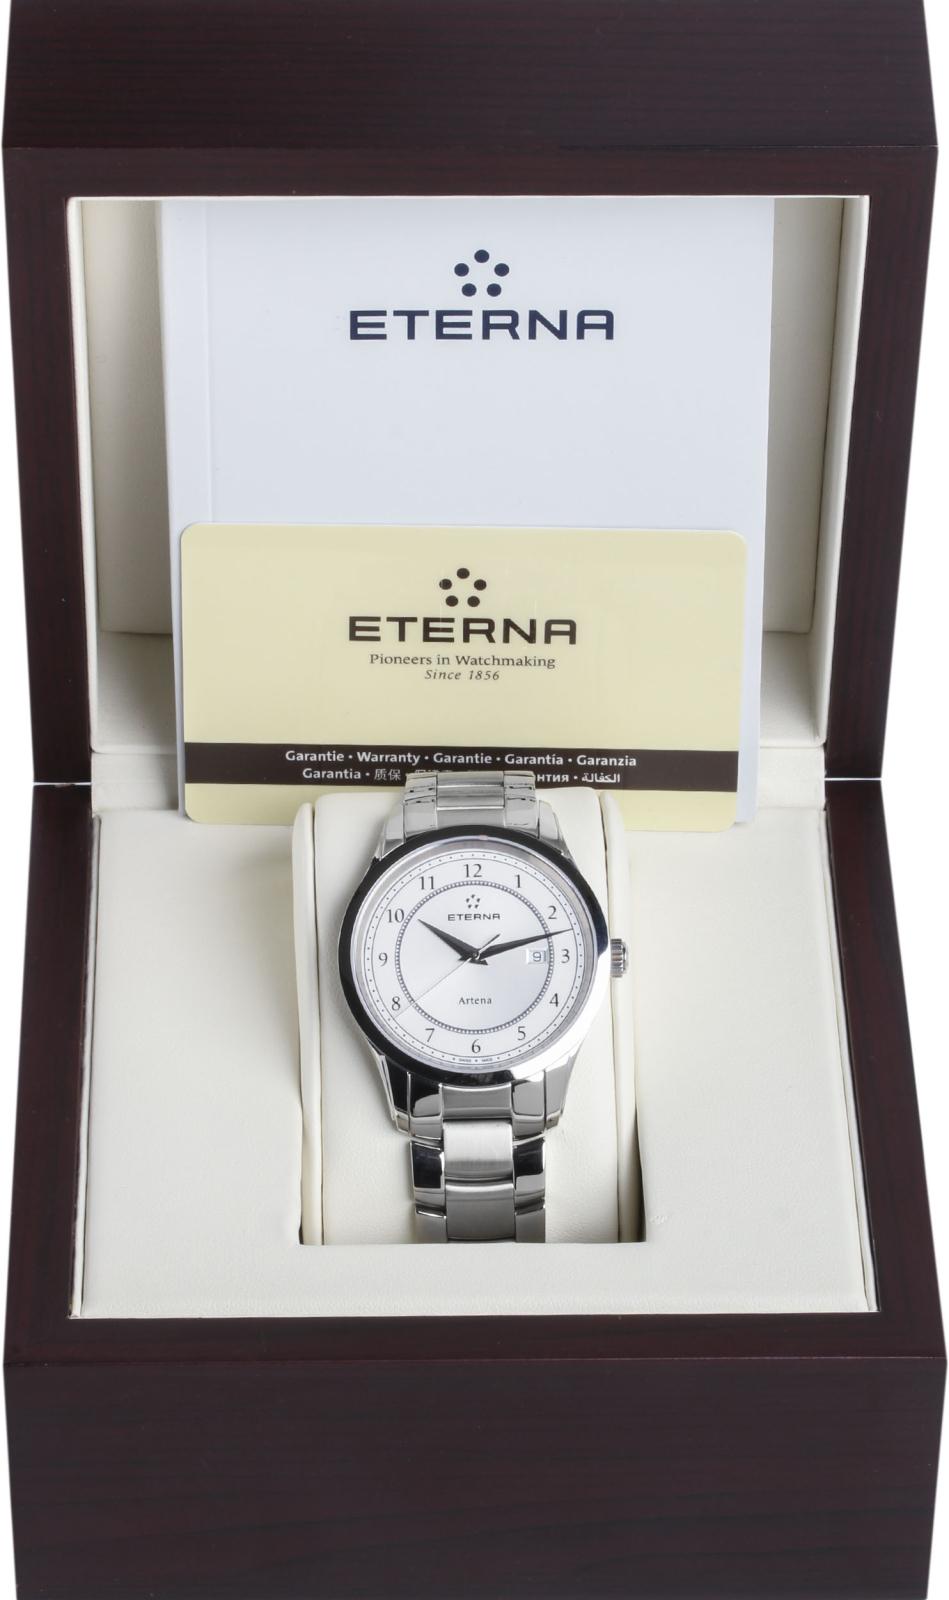 Eterna Artena 2520.41.64.0274Наручные часы<br>Швейцарские часы Eterna Artena 2520.41.64.0274Модель входит в коллекцию Artena. Это стильные женские часы. Материал корпуса часов — сталь. В этой модели стоит сапфировое стекло. Часы этой модели обладают водозащитой 30 м. Размер данной модели 40мм.<br><br>Пол: Женские<br>Страна-производитель: Швейцария<br>Механизм: Кварцевый<br>Материал корпуса: Сталь<br>Материал ремня/браслета: Сталь<br>Водозащита, диапазон: 20 - 100 м<br>Стекло: Сапфировое<br>Толщина корпуса: None<br>Стиль: None